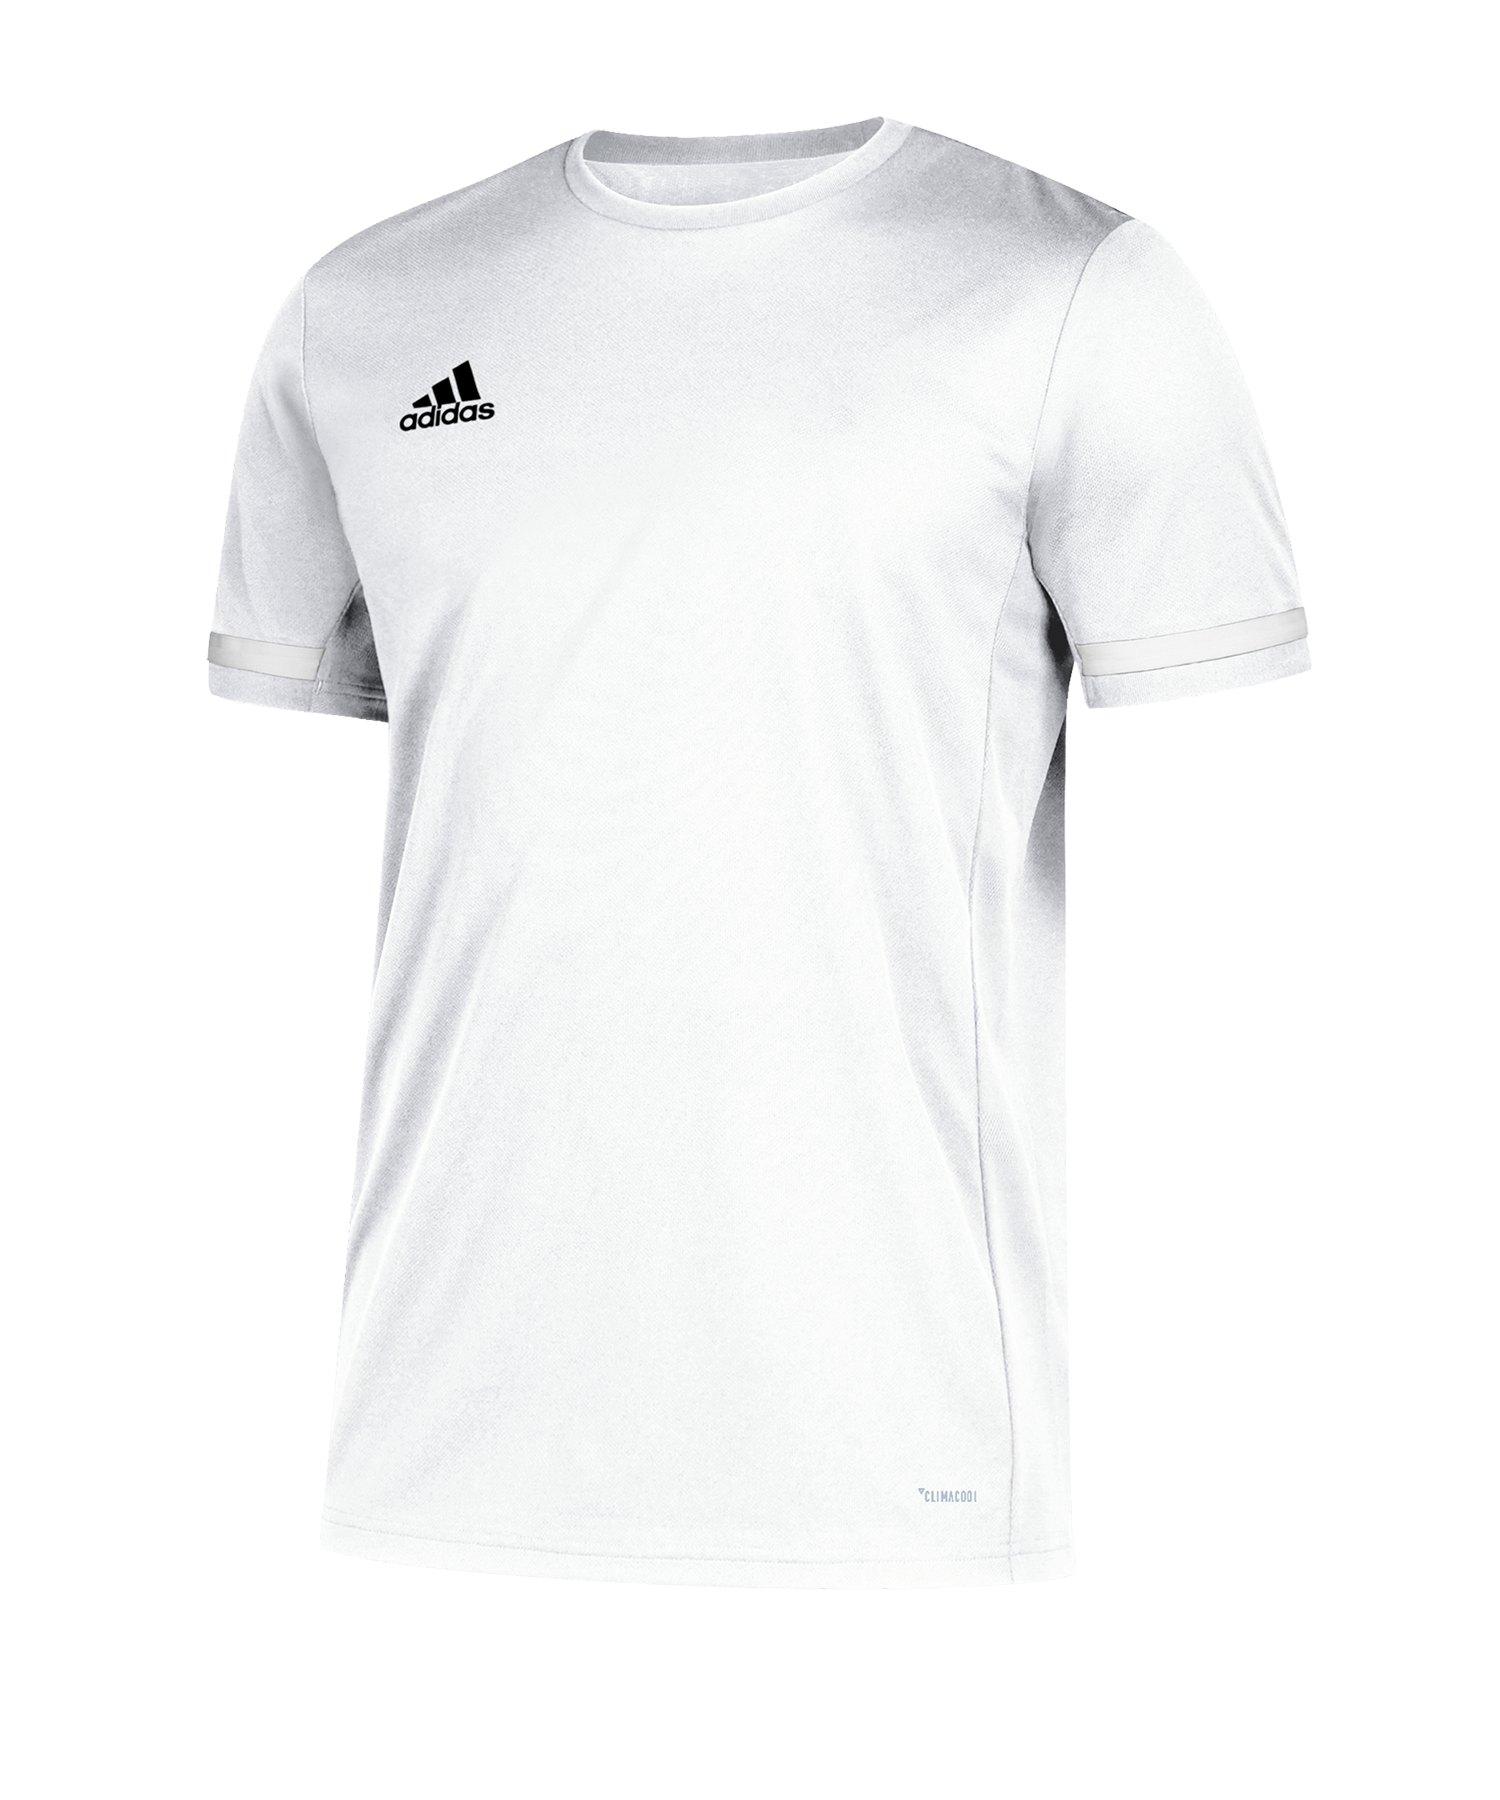 adidas Team 19 Trikot kurzarm Weiss - weiss